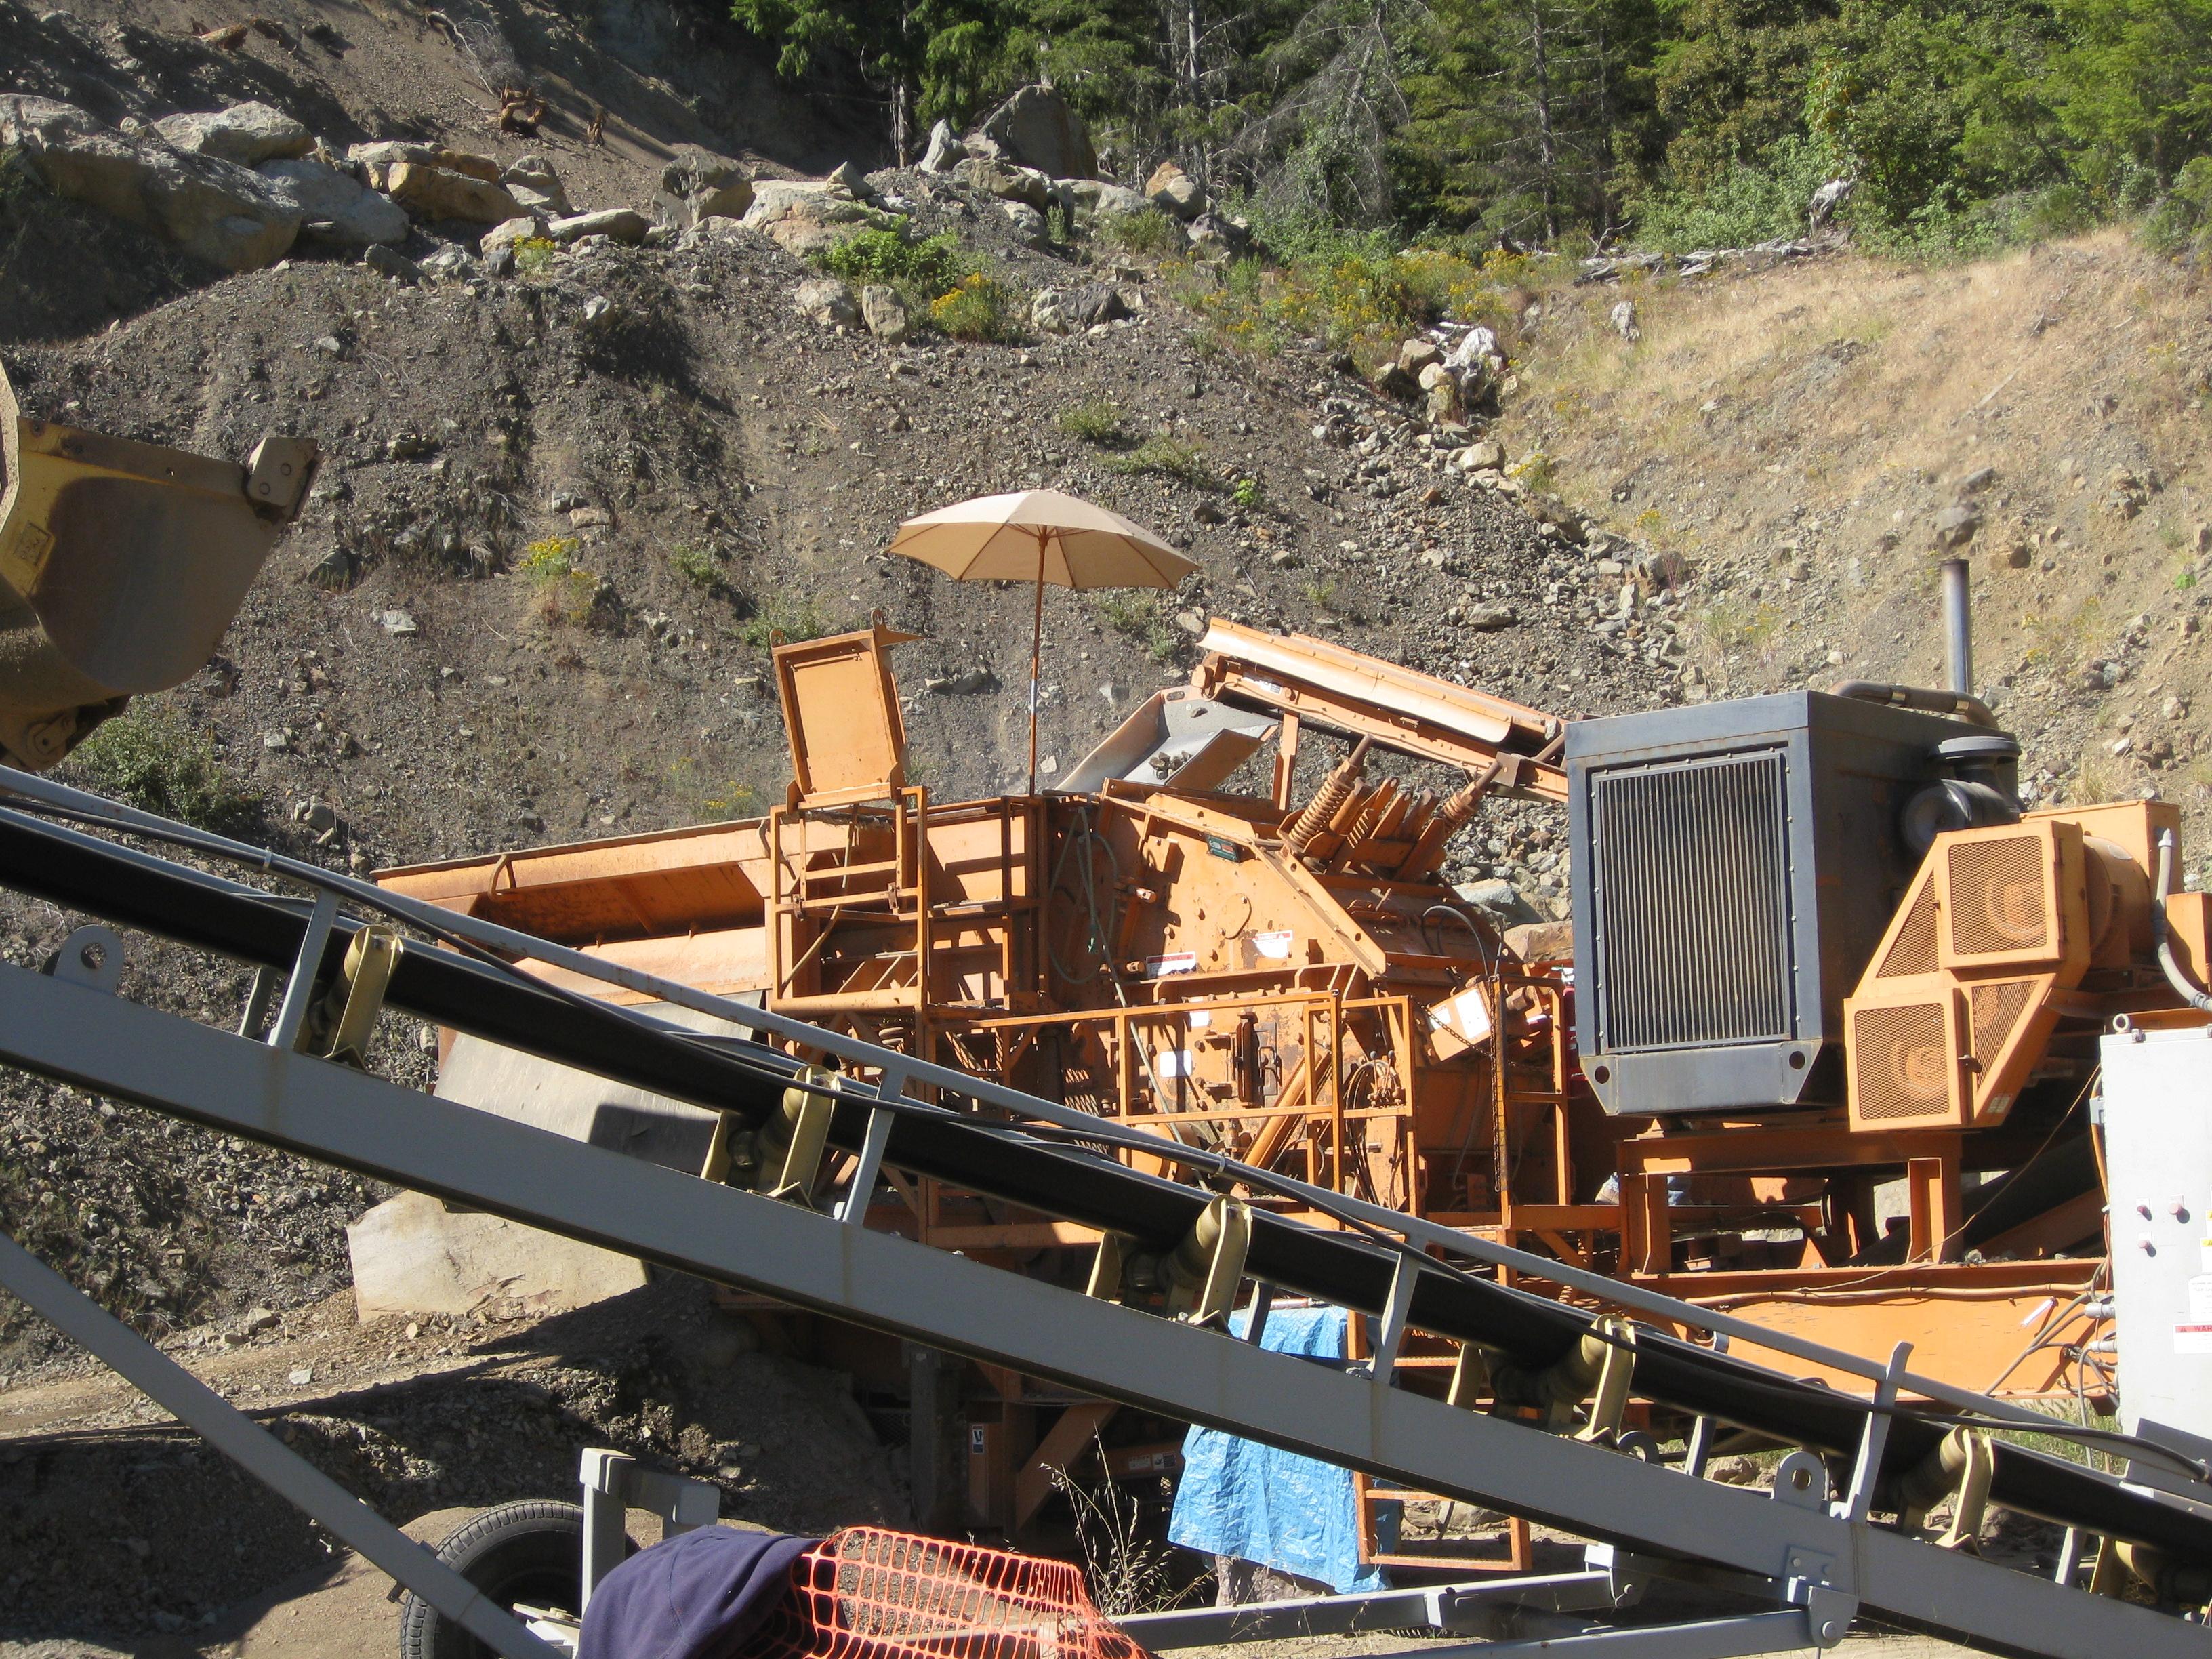 Quarry 7-19-10 023.jpg